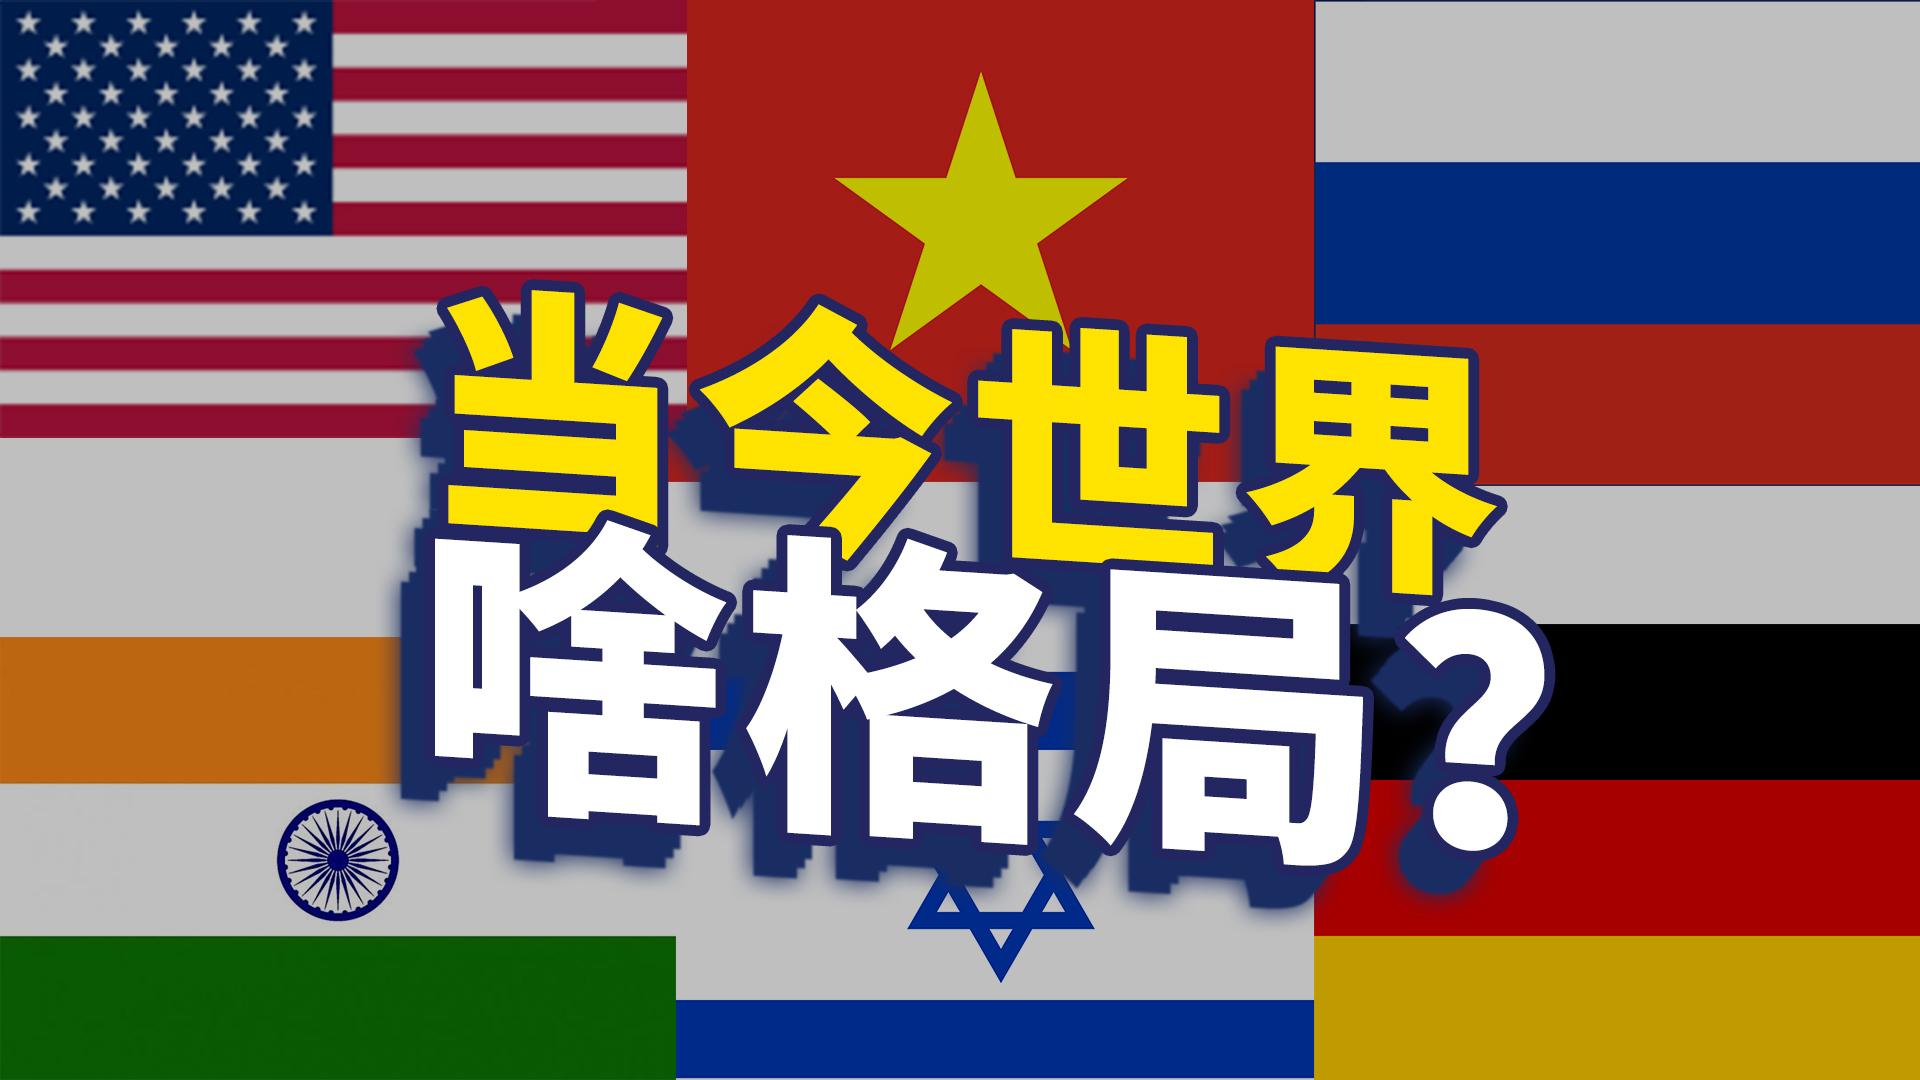 世界大国、强国是怎么划分?以色列、印度、土耳其等在哪个档次?